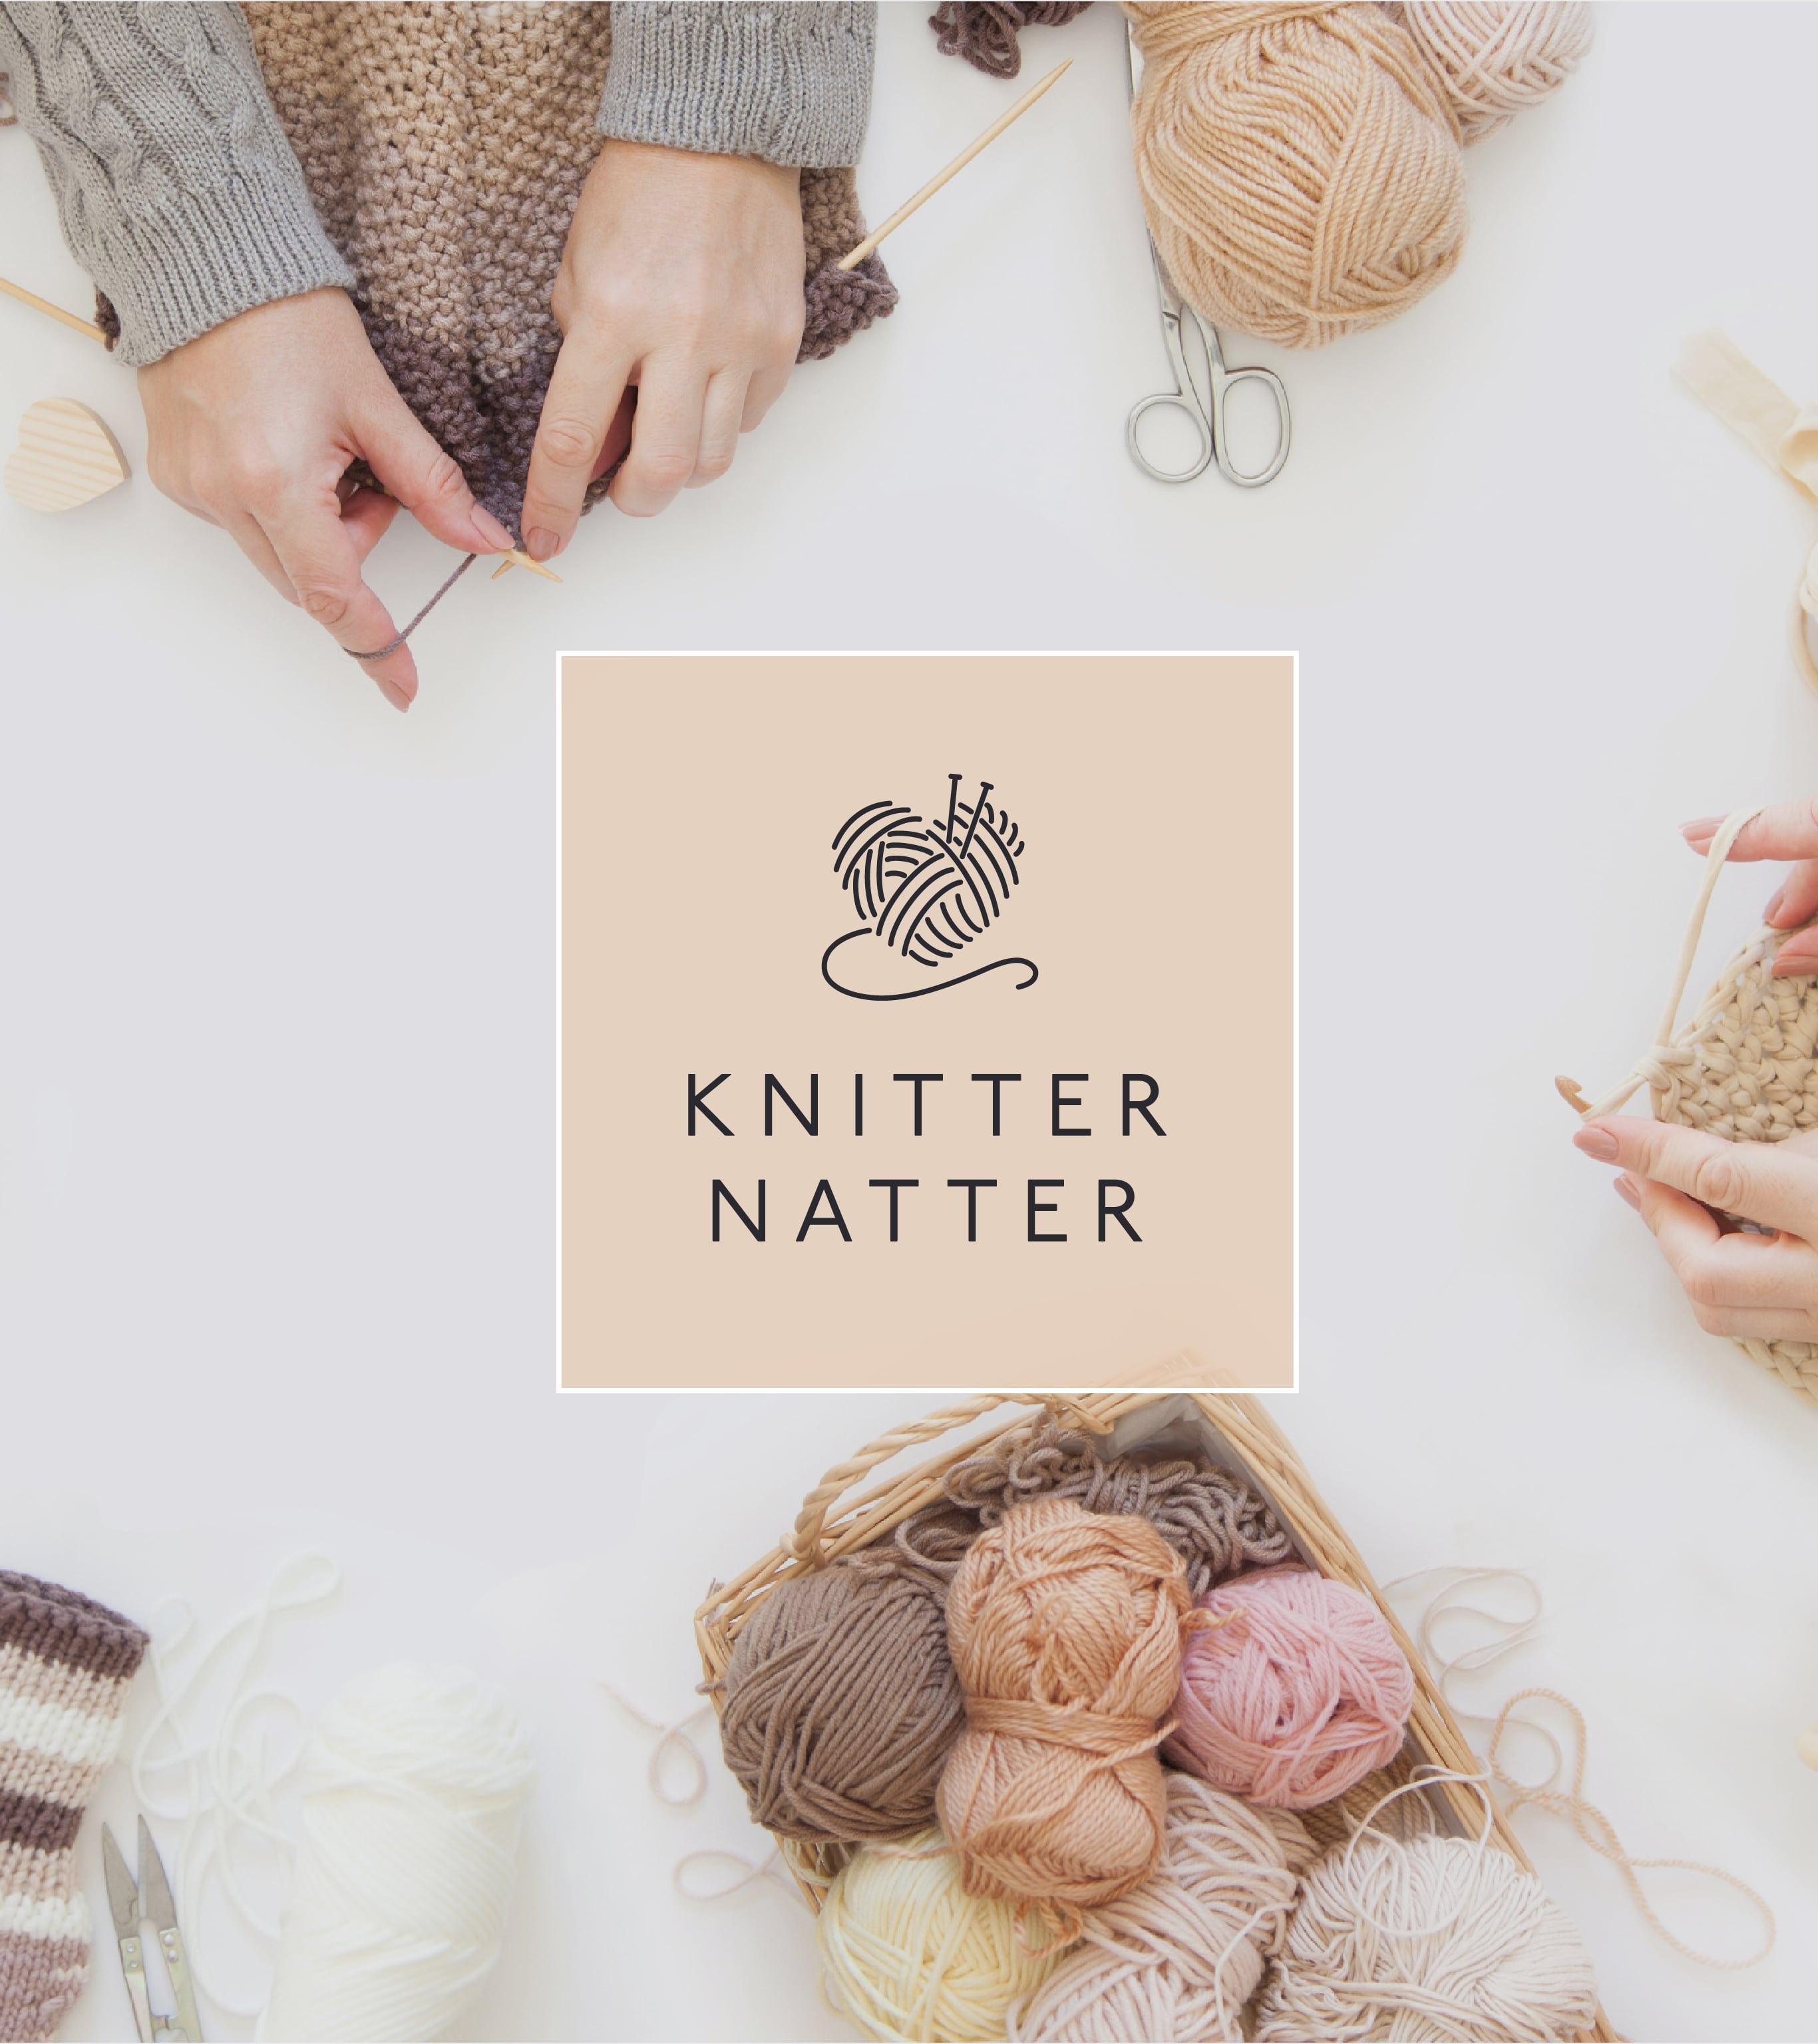 Knitter Natter event